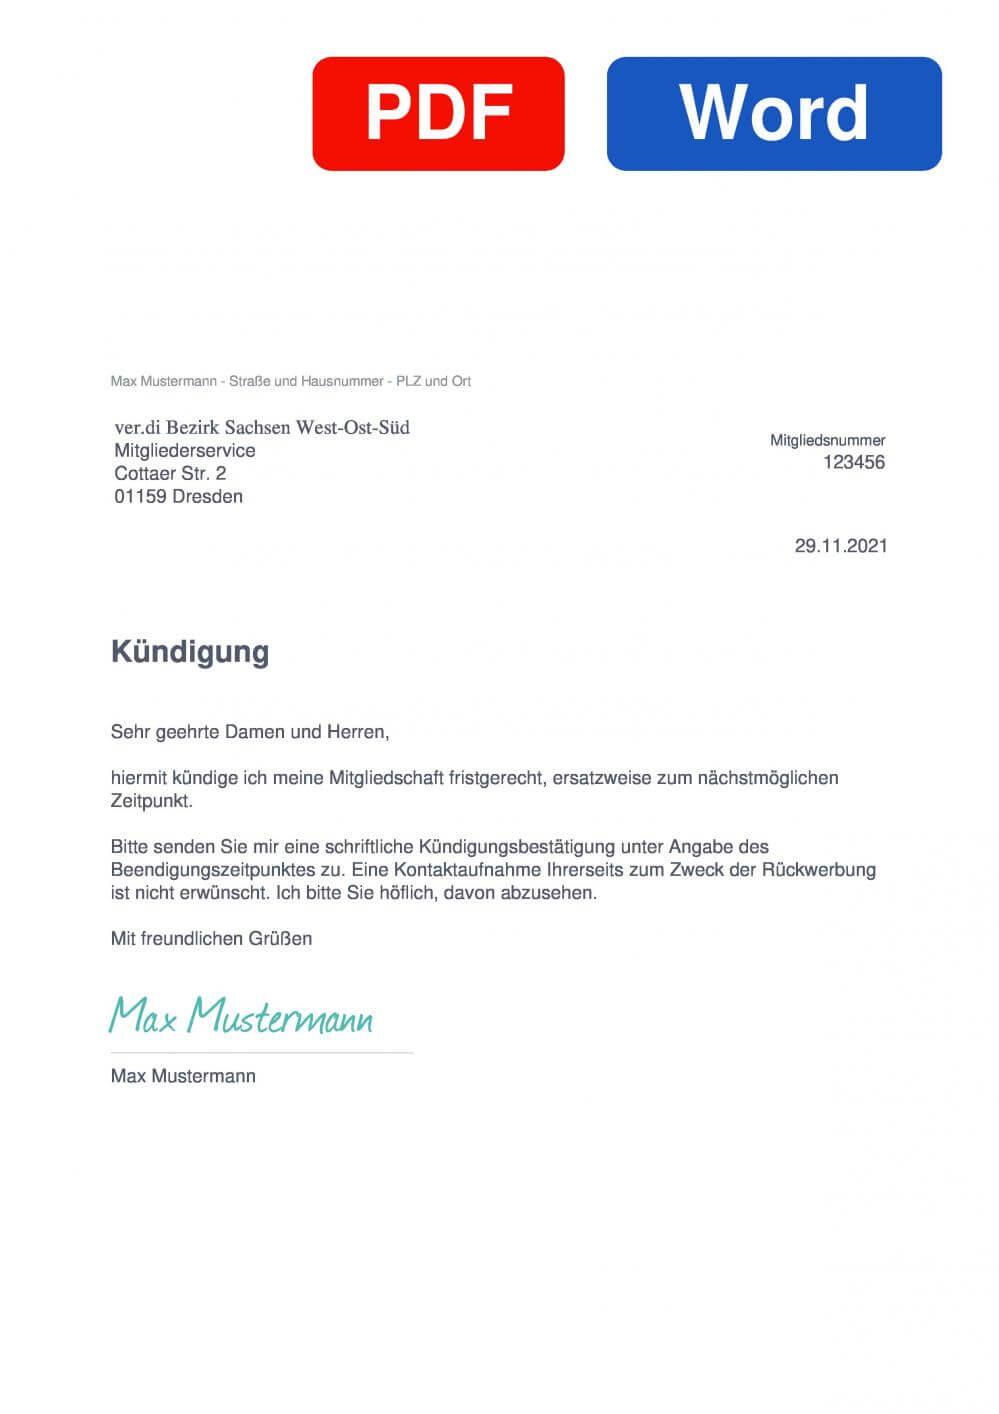 Verdi Bautzen Muster Vorlage für Kündigungsschreiben